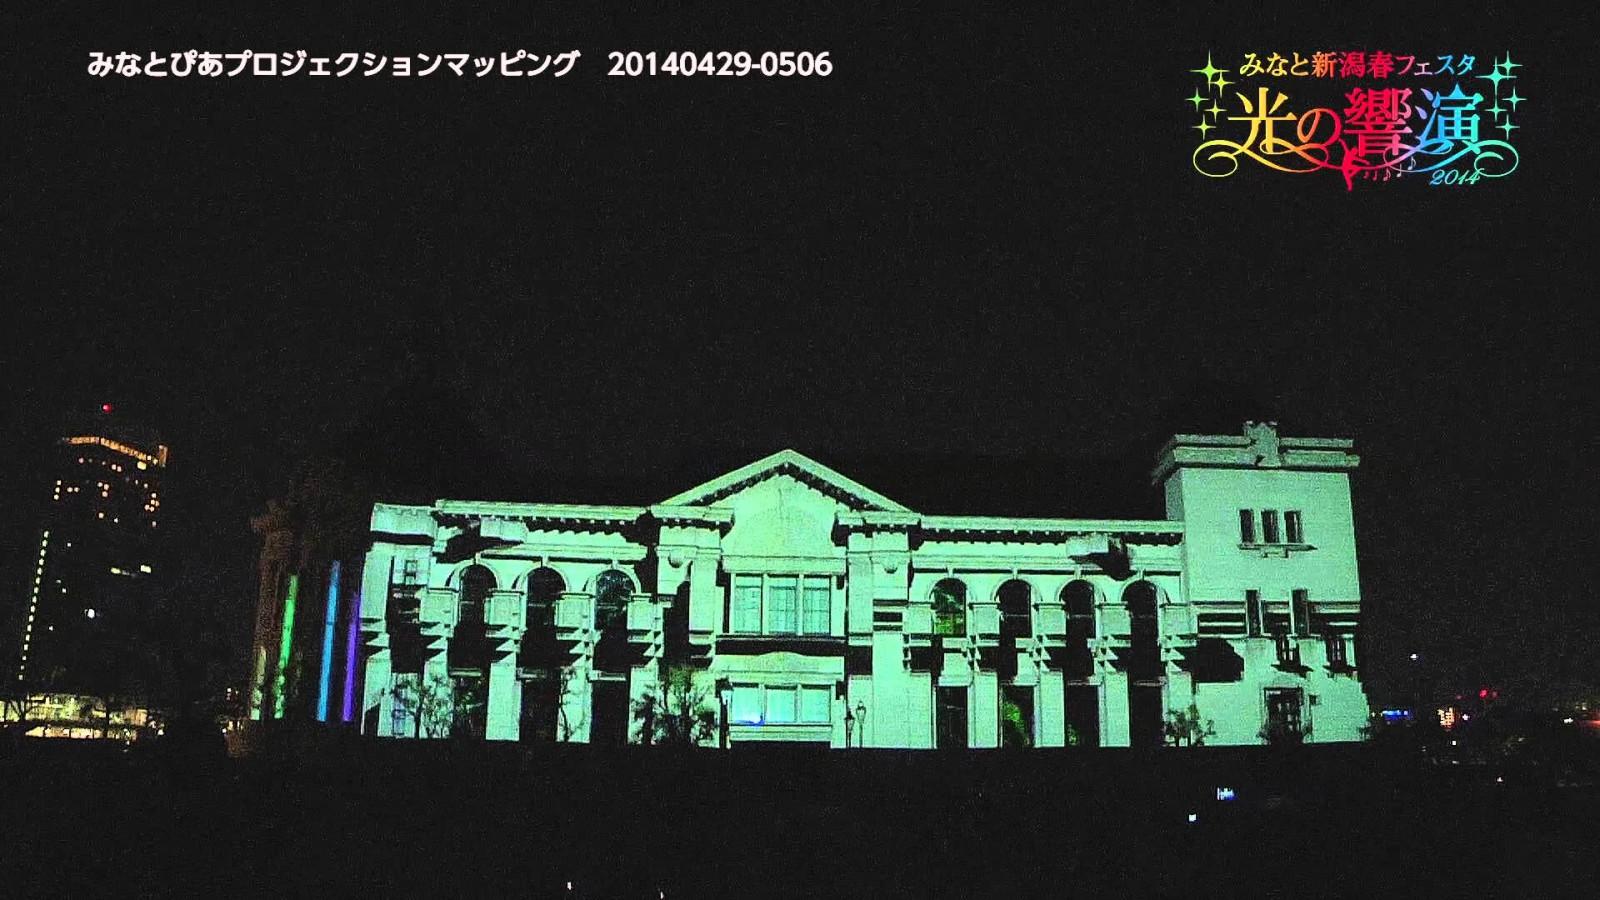 みなと新潟春フェスタ2014 みなとぴあプロジェクションマッピング